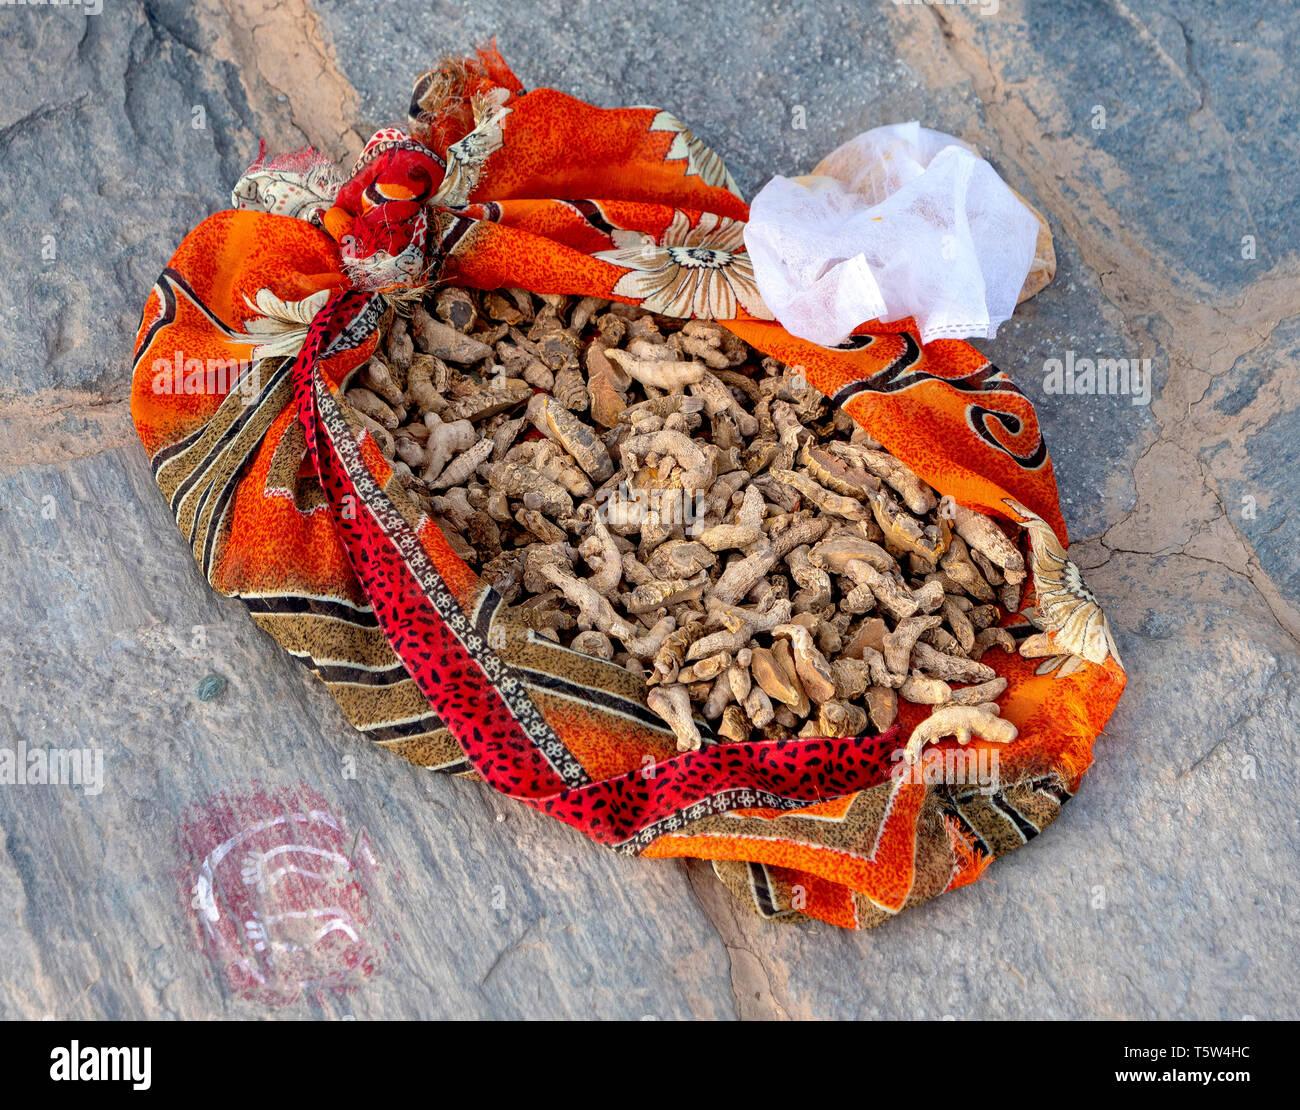 Sac en tissu du curcuma racine sur la terrasse d'une maison de village dans la région de Binsar Uttarakhand en Inde du Nord Photo Stock